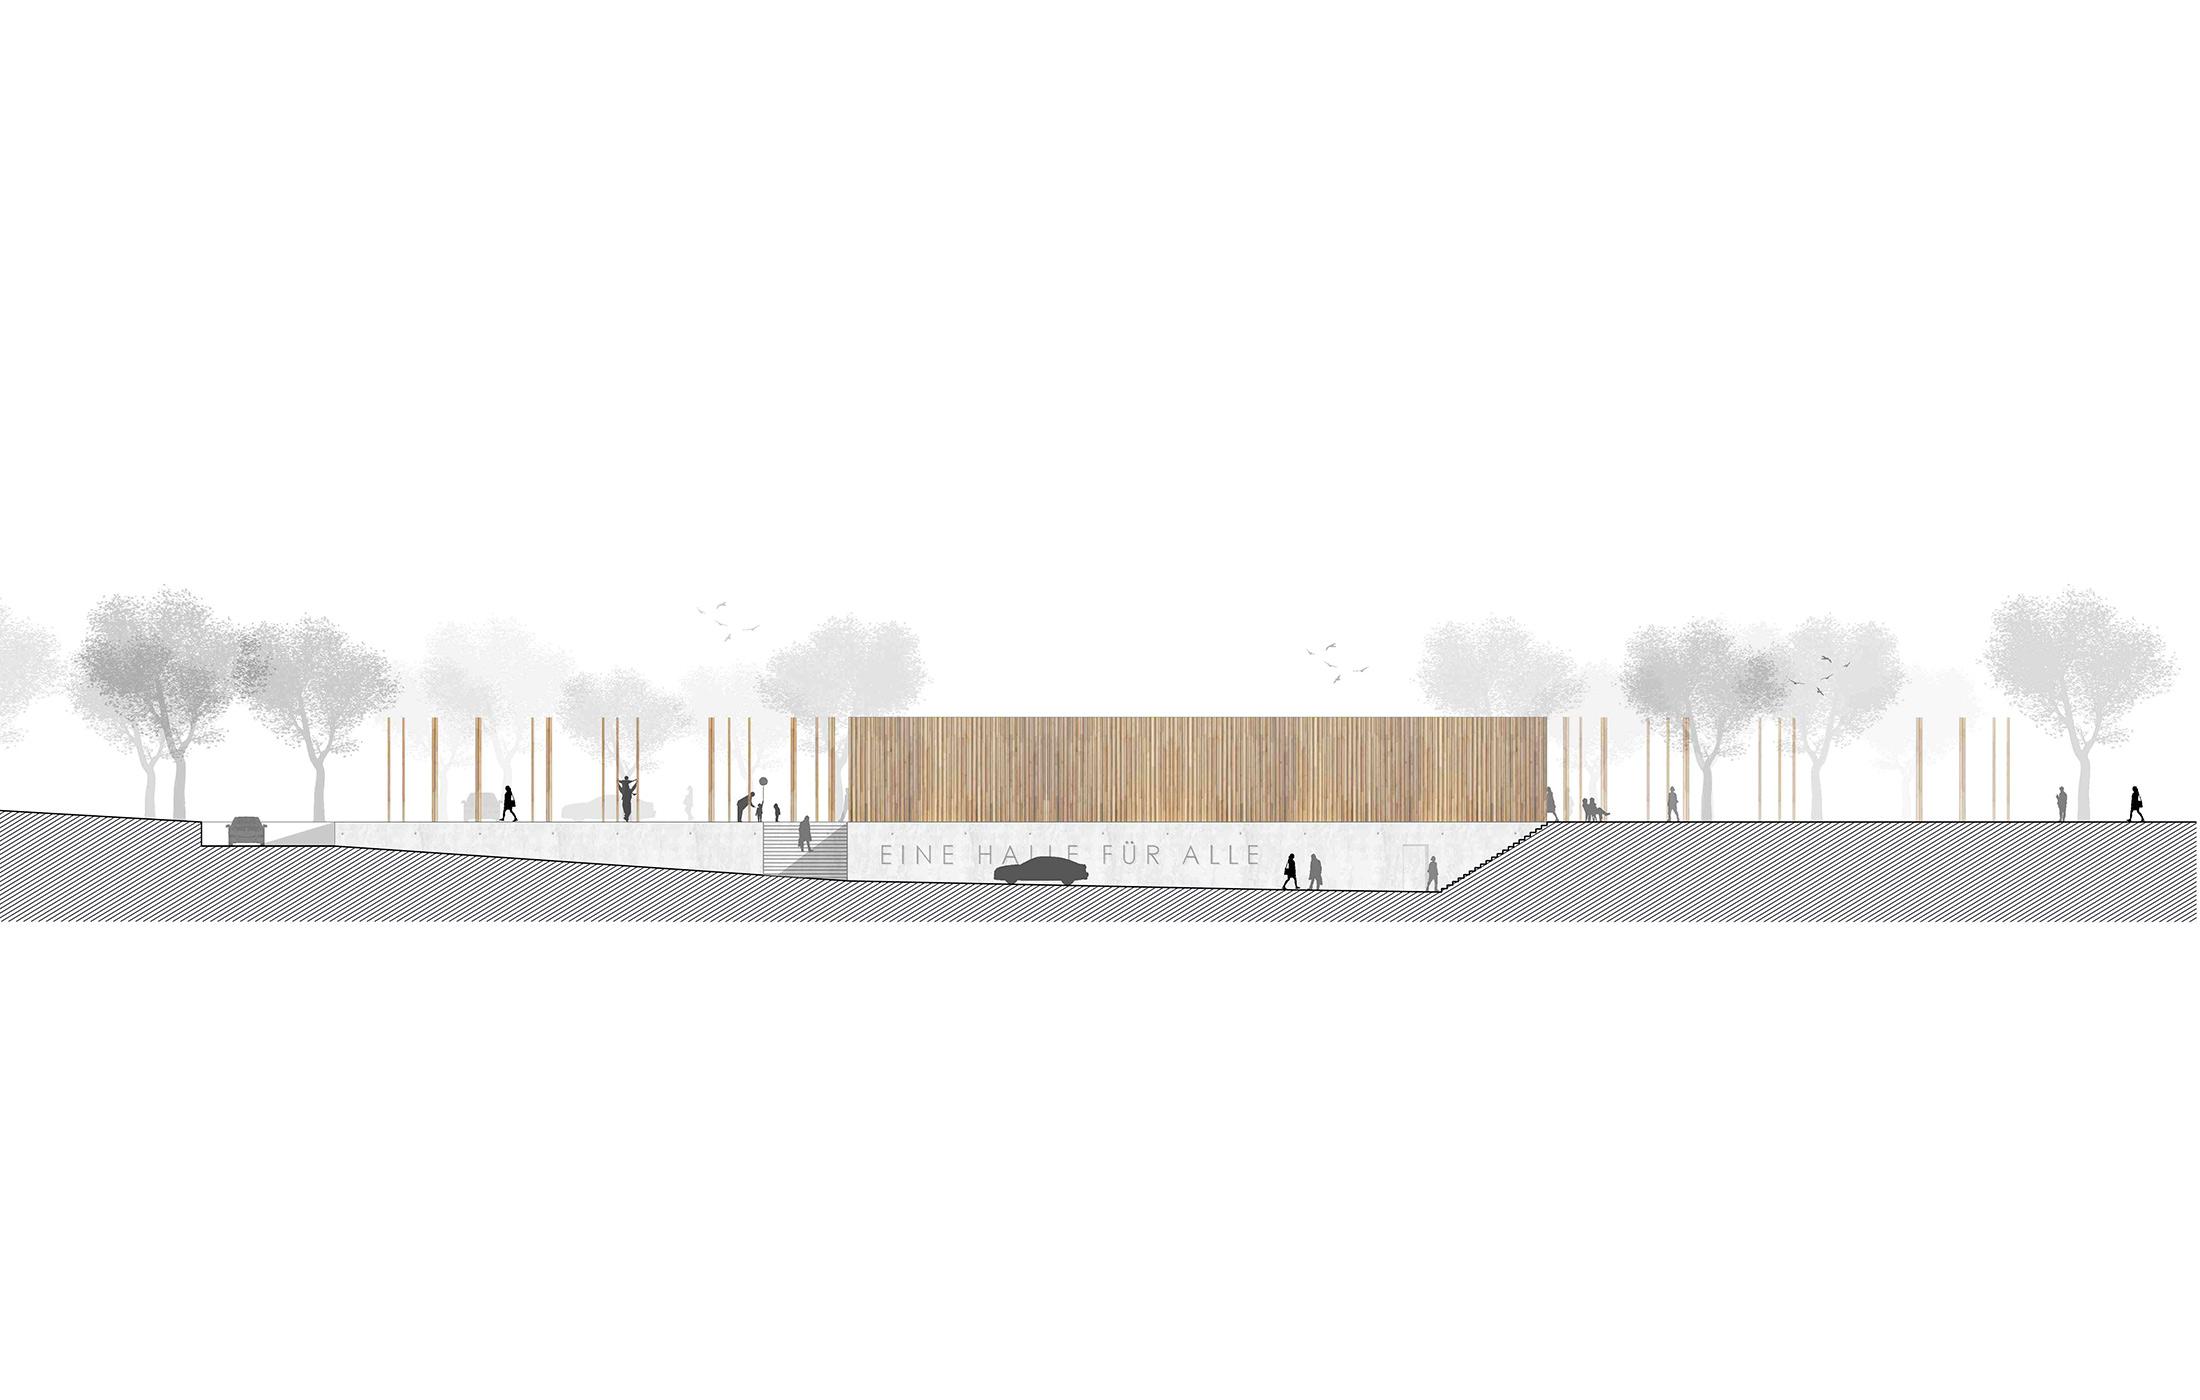 2014, Wettbewerb Sporthalle, Oberflockenbach